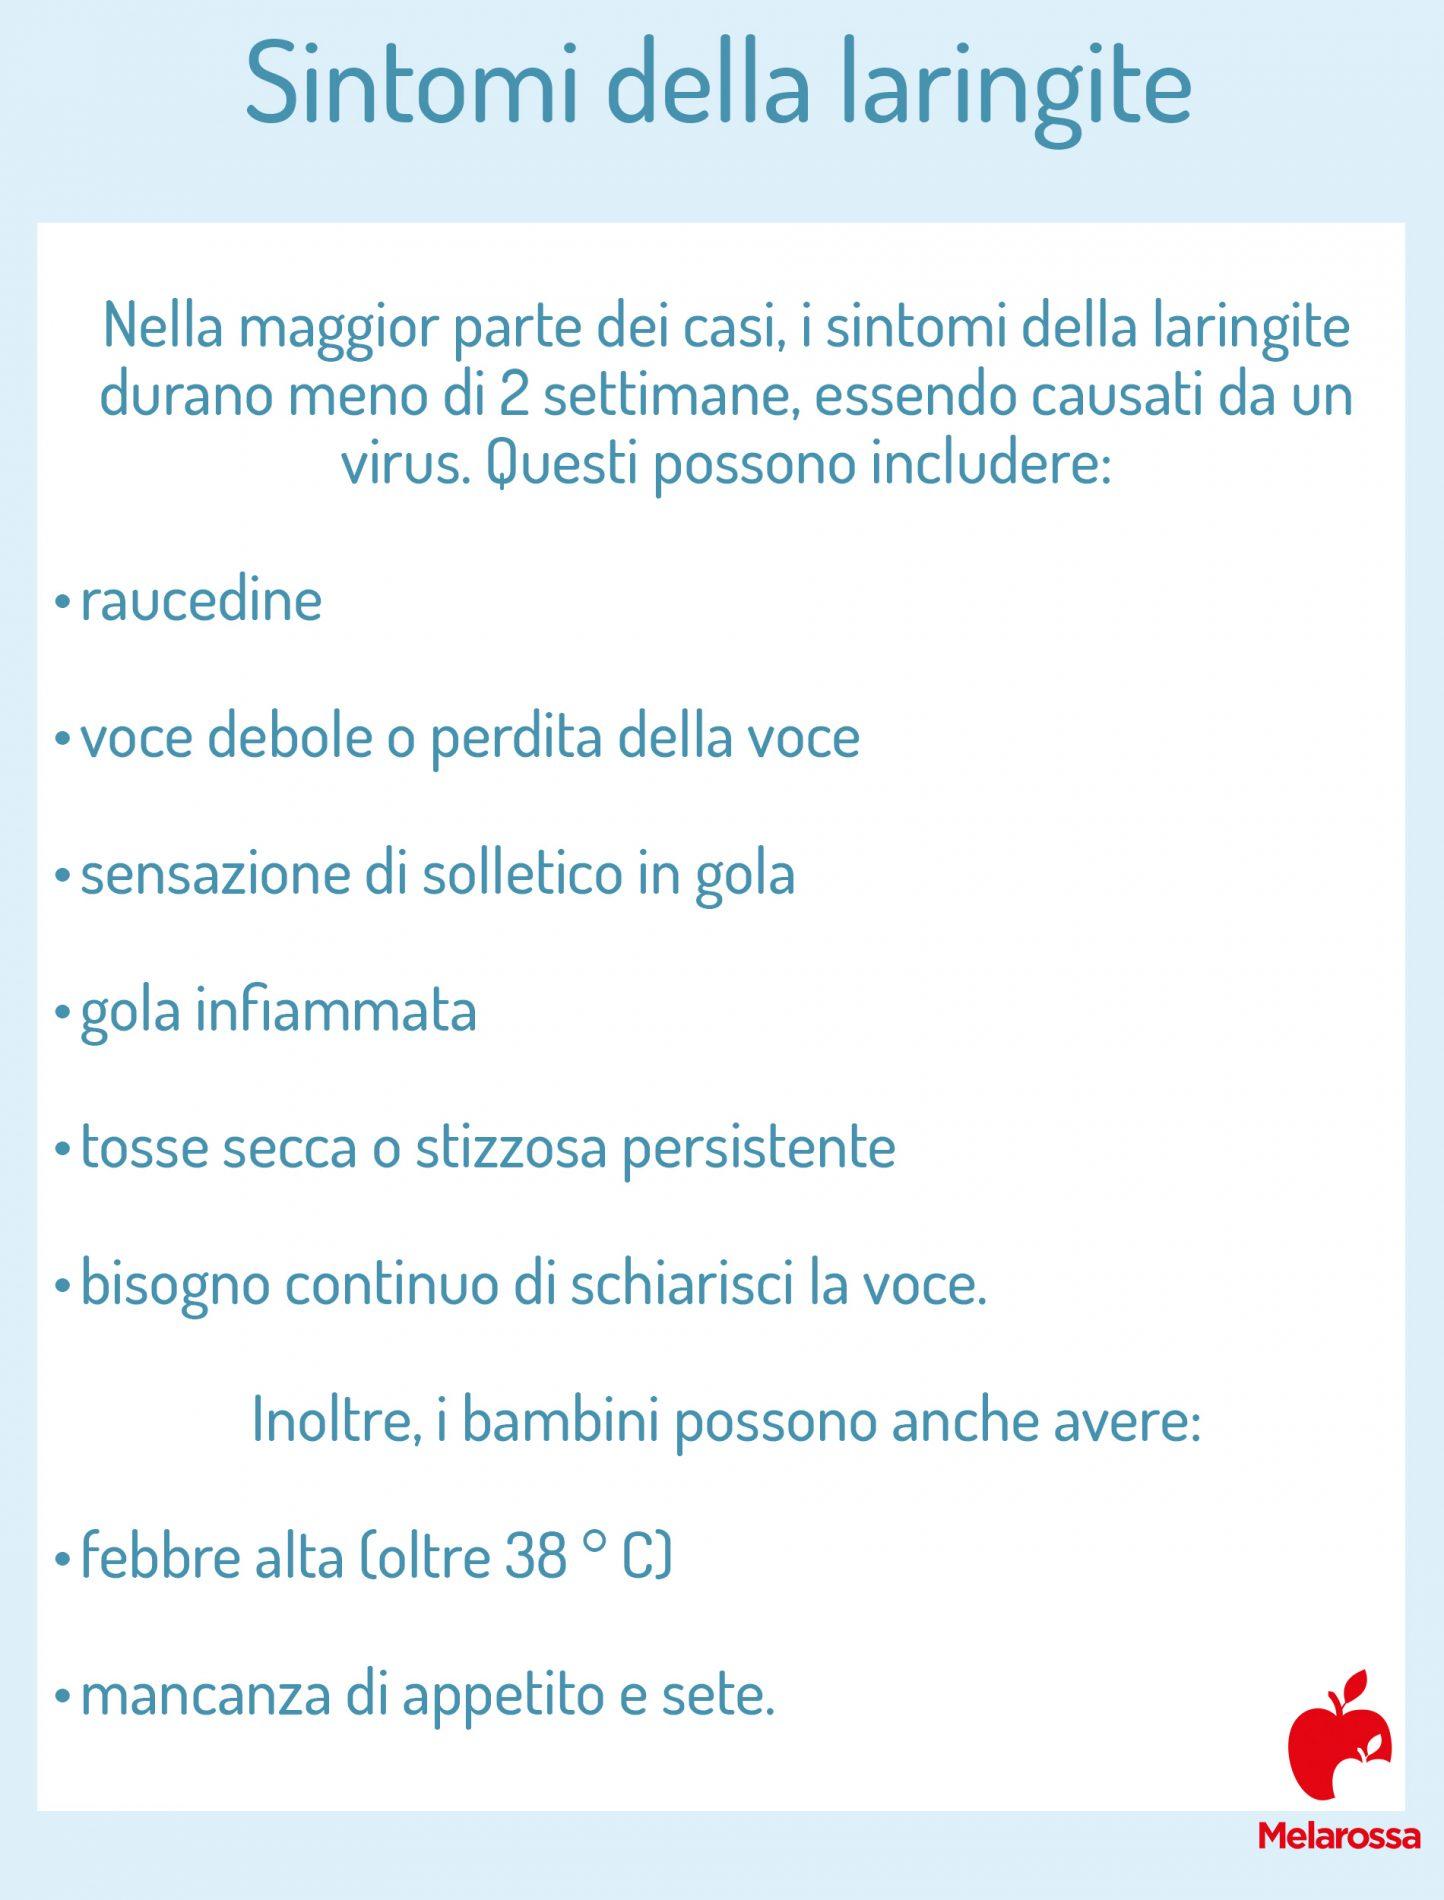 laringite: sintomi